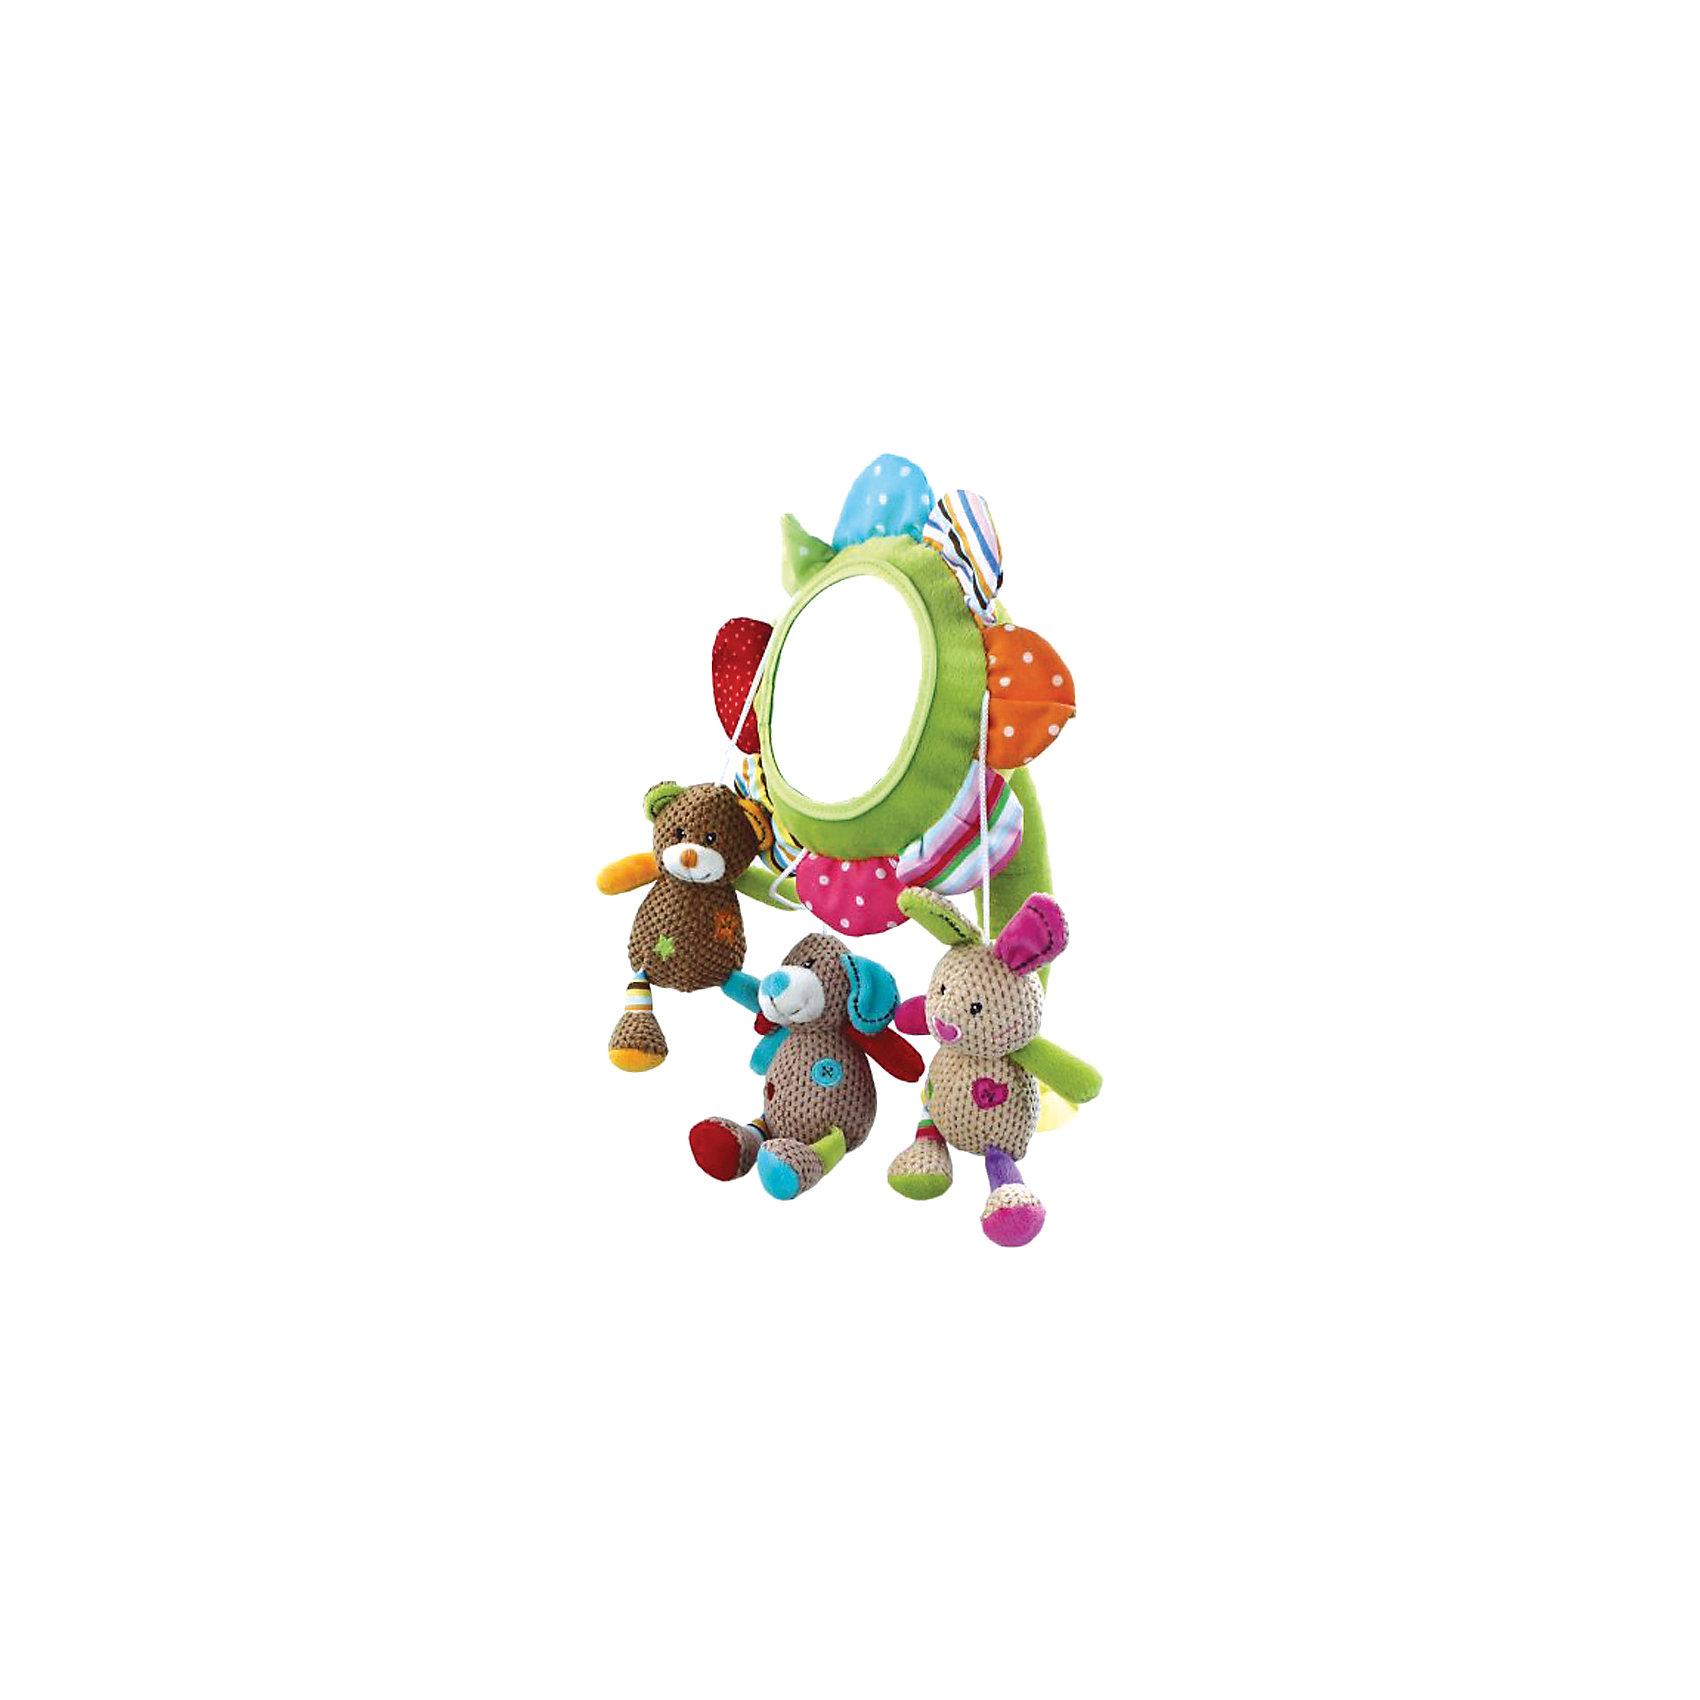 Подвеска Веселые малыши, ЖирафикиПодвески<br>Подвеска в форме цветка – прекрасное решение украсить спальню малыша. Цветок – развивающая игрушка, которая понравится всем малышам, так как она невероятно функциональна. Всевозможные ткани и фактуры, зеркальце и разные цвета привлекут внимание даже самых непоседливых малышей. Игрушка развивает мелкую моторику и тактильные ощущения. Игрушка крепится с помощью присоски. Материалы, использованные при изготовлении товара, абсолютно безопасны и отвечают всем международным требованиям по качеству.<br><br>Дополнительные характеристики:<br><br>материал: текстиль, пластик;<br>цвет: разноцветный;<br>габариты: 16 X 16 X 35 см.<br><br>Подвеску Веселые малыши от компании Жирафики можно приобрести в нашем магазине.<br><br>Ширина мм: 540<br>Глубина мм: 330<br>Высота мм: 410<br>Вес г: 344<br>Возраст от месяцев: 3<br>Возраст до месяцев: 36<br>Пол: Унисекс<br>Возраст: Детский<br>SKU: 5032568